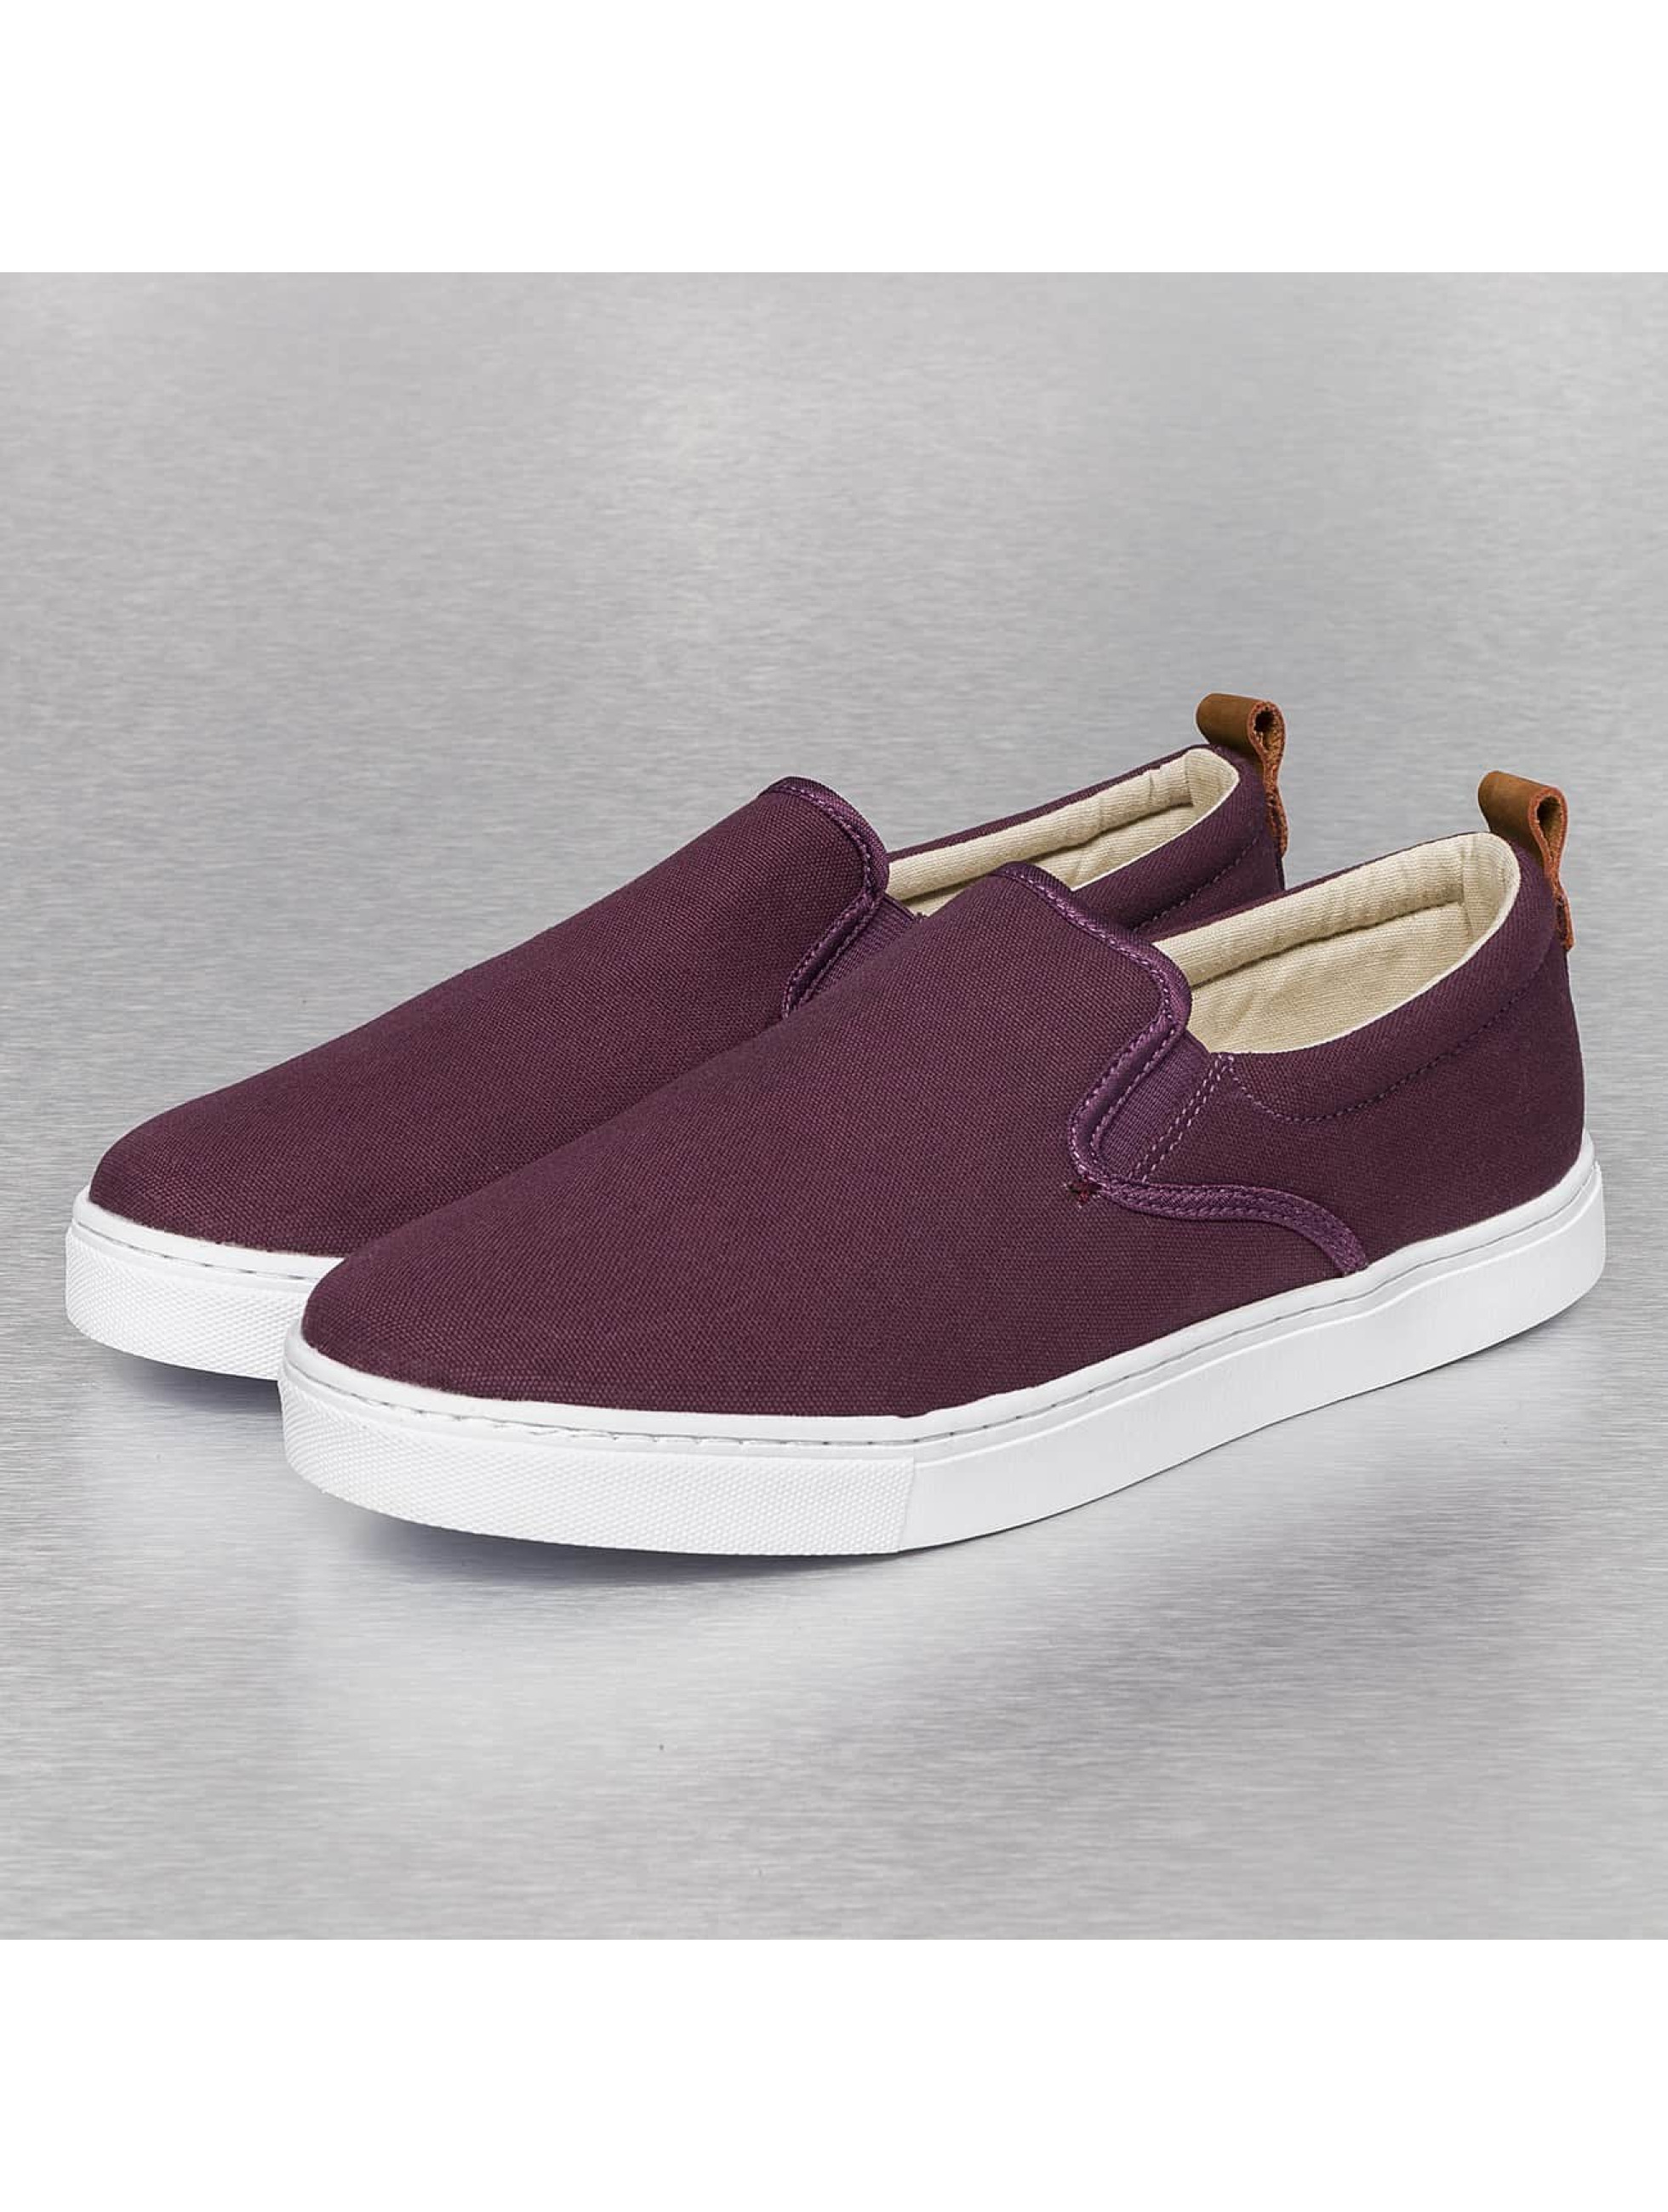 Dickies Kansas Sneakers Maroon